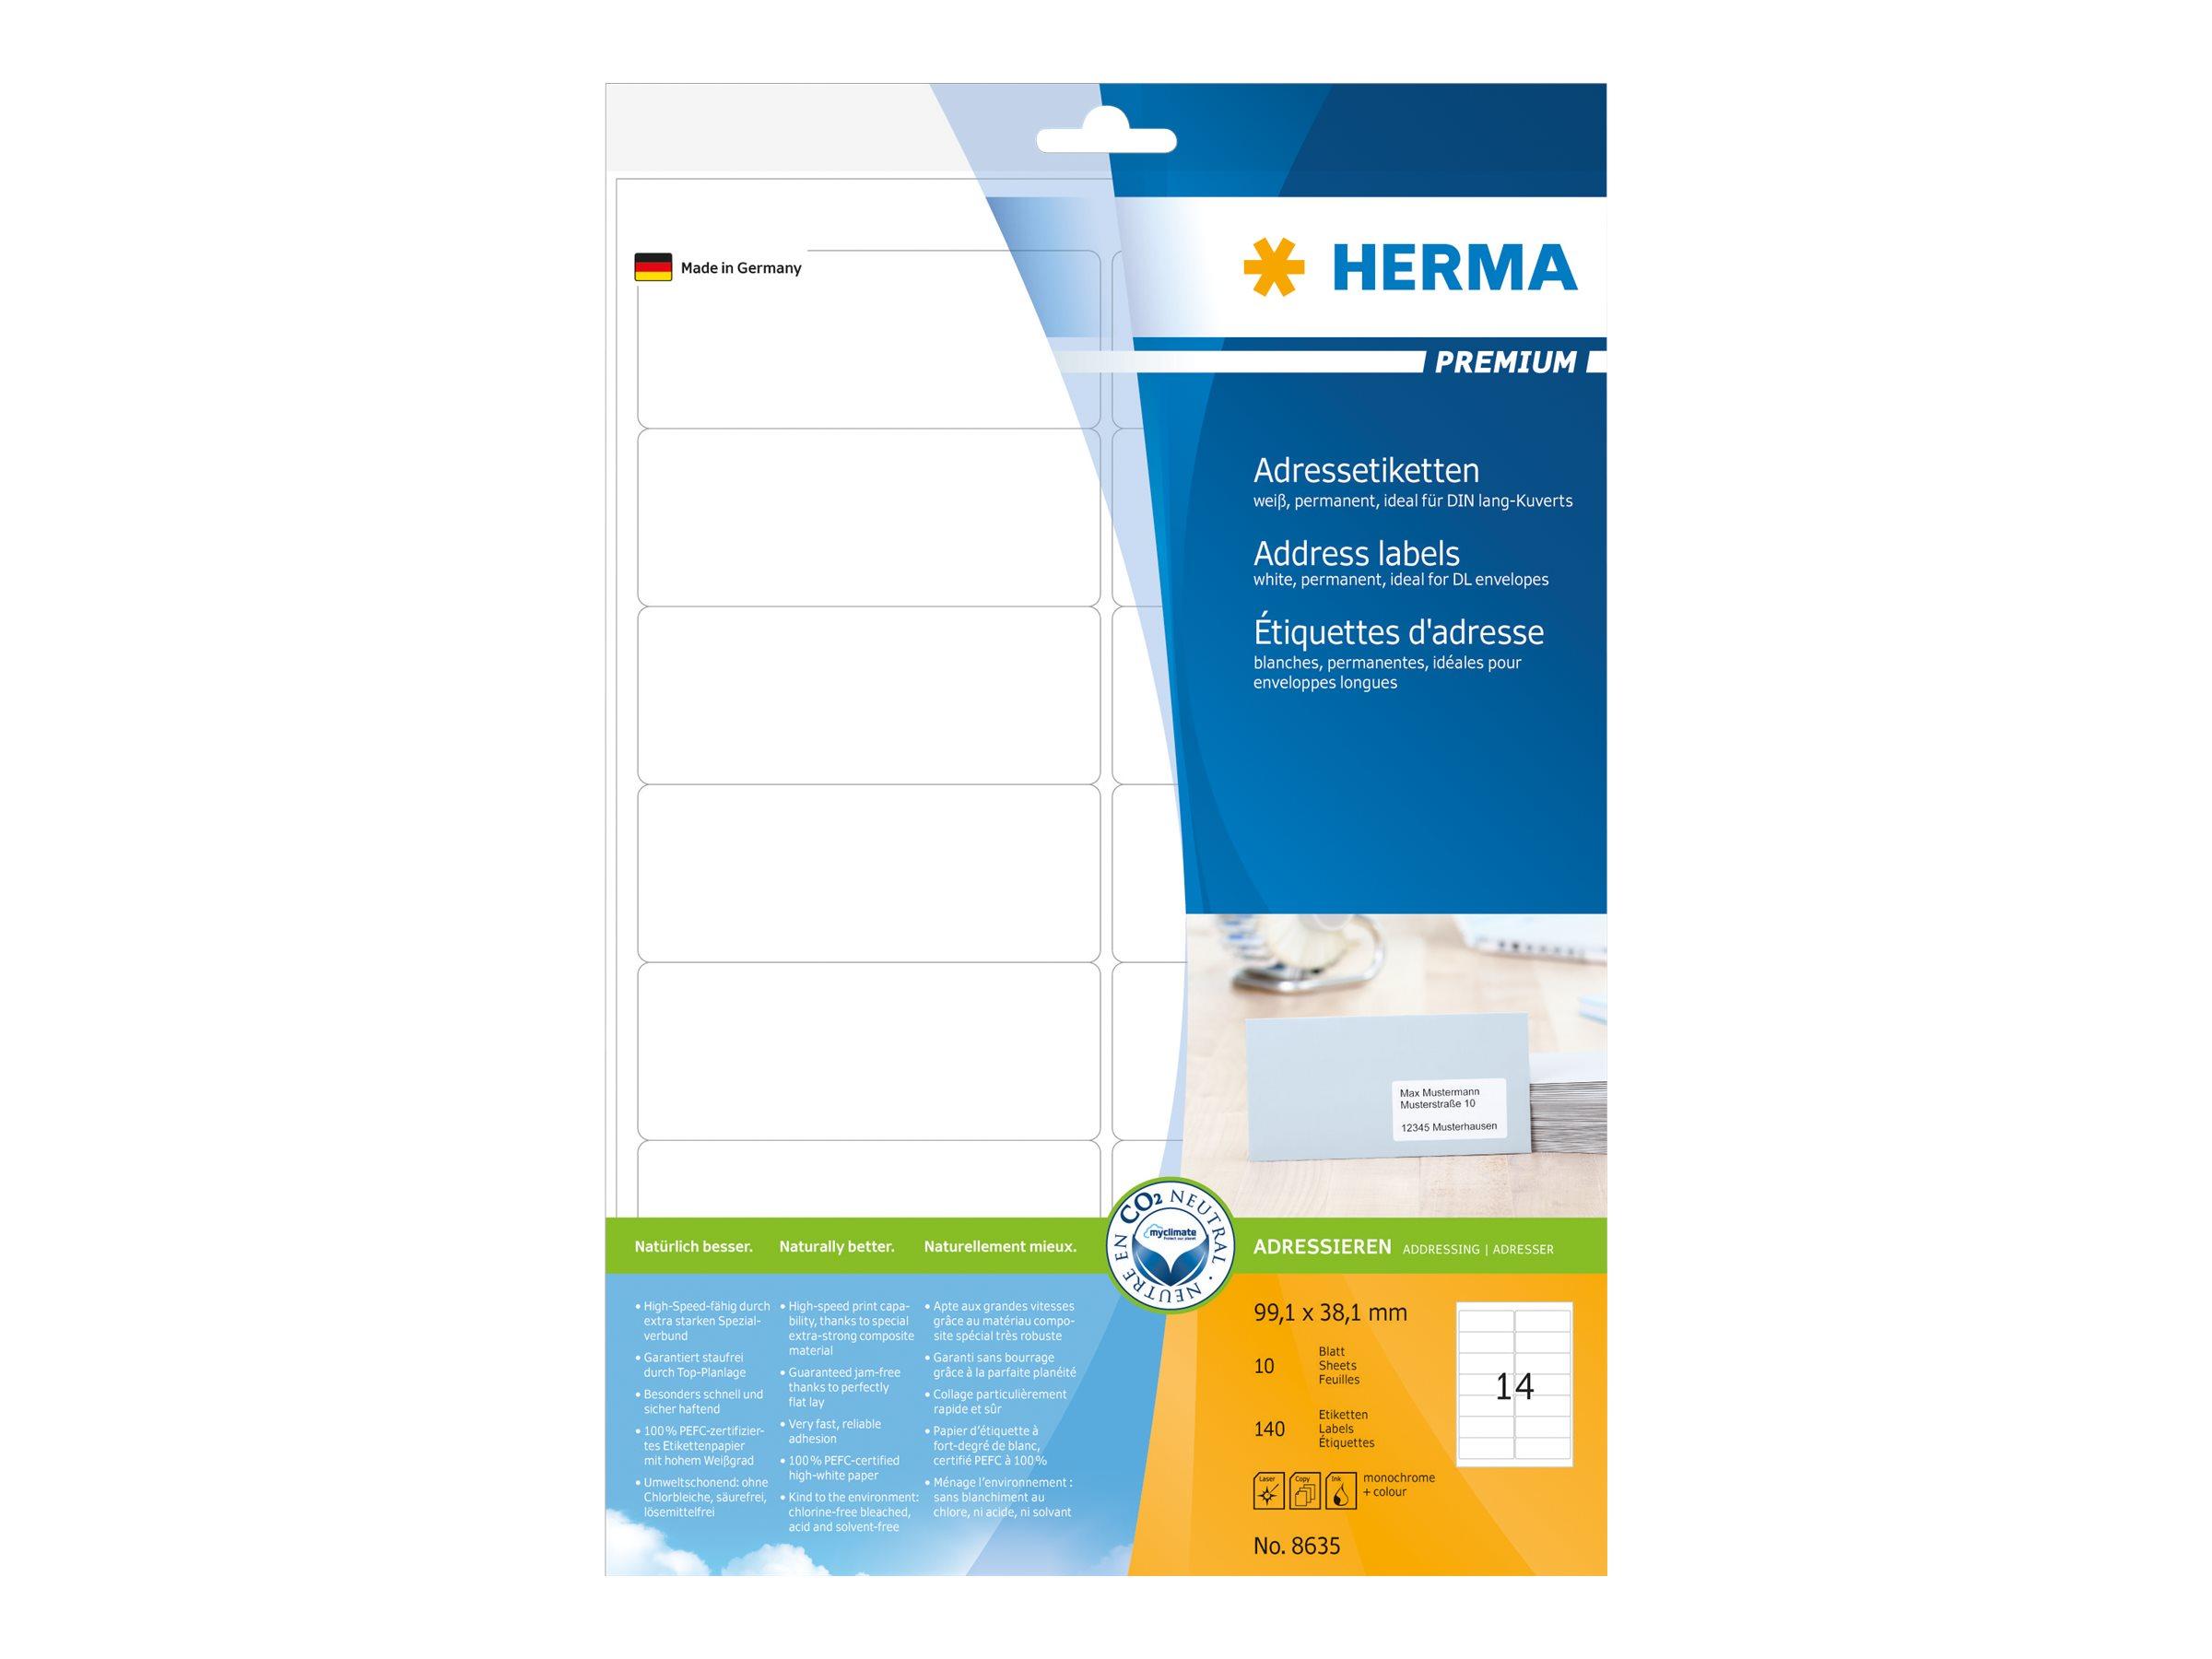 HERMA Premium - Papier - matt - permanent selbstklebend - weiß - 99.1 x 38.1 mm 140 Etikett(en) (10 Bogen x 14)